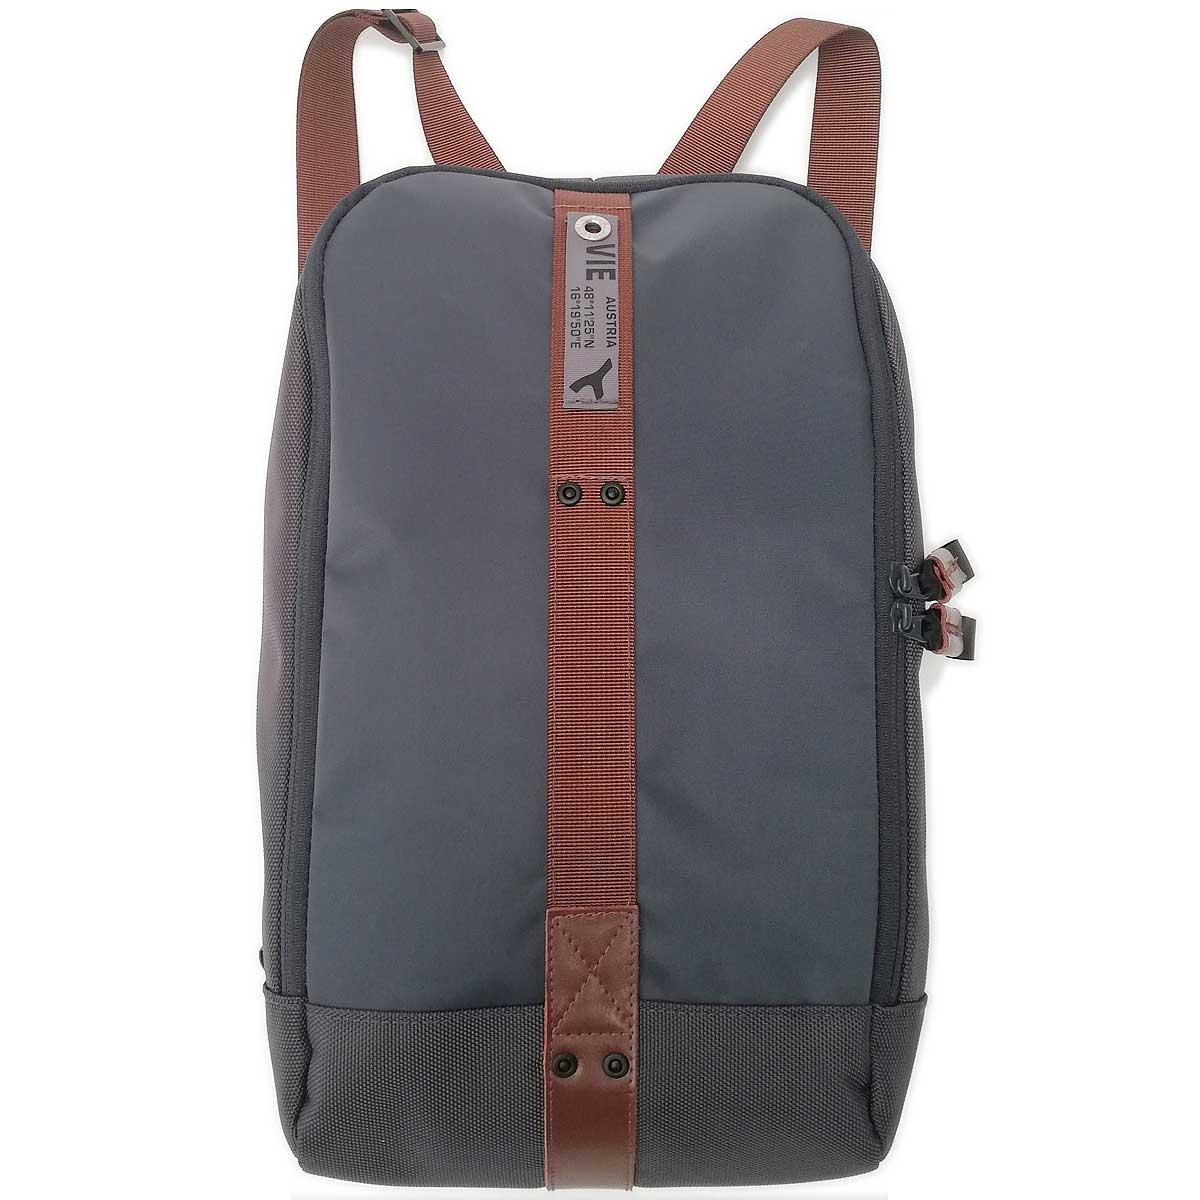 sling bag backpack super slim and super light weight - piggyBack 5cab9c770